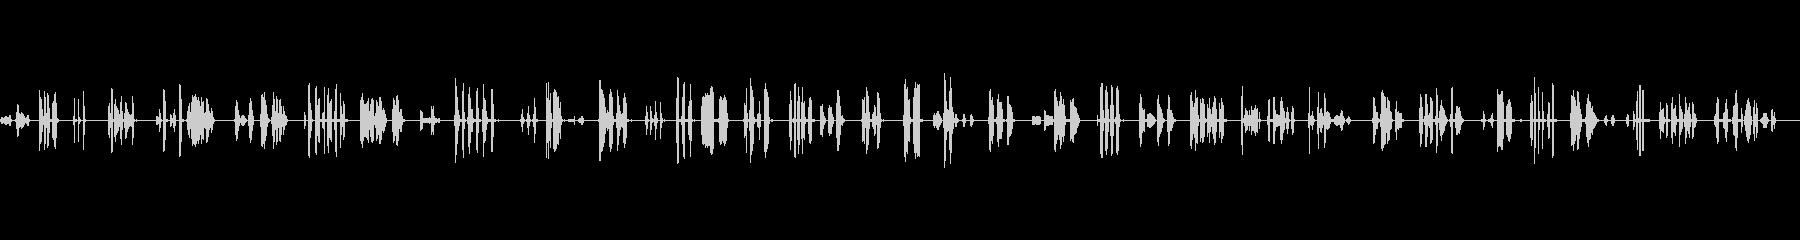 歌、動物の鳥の未再生の波形